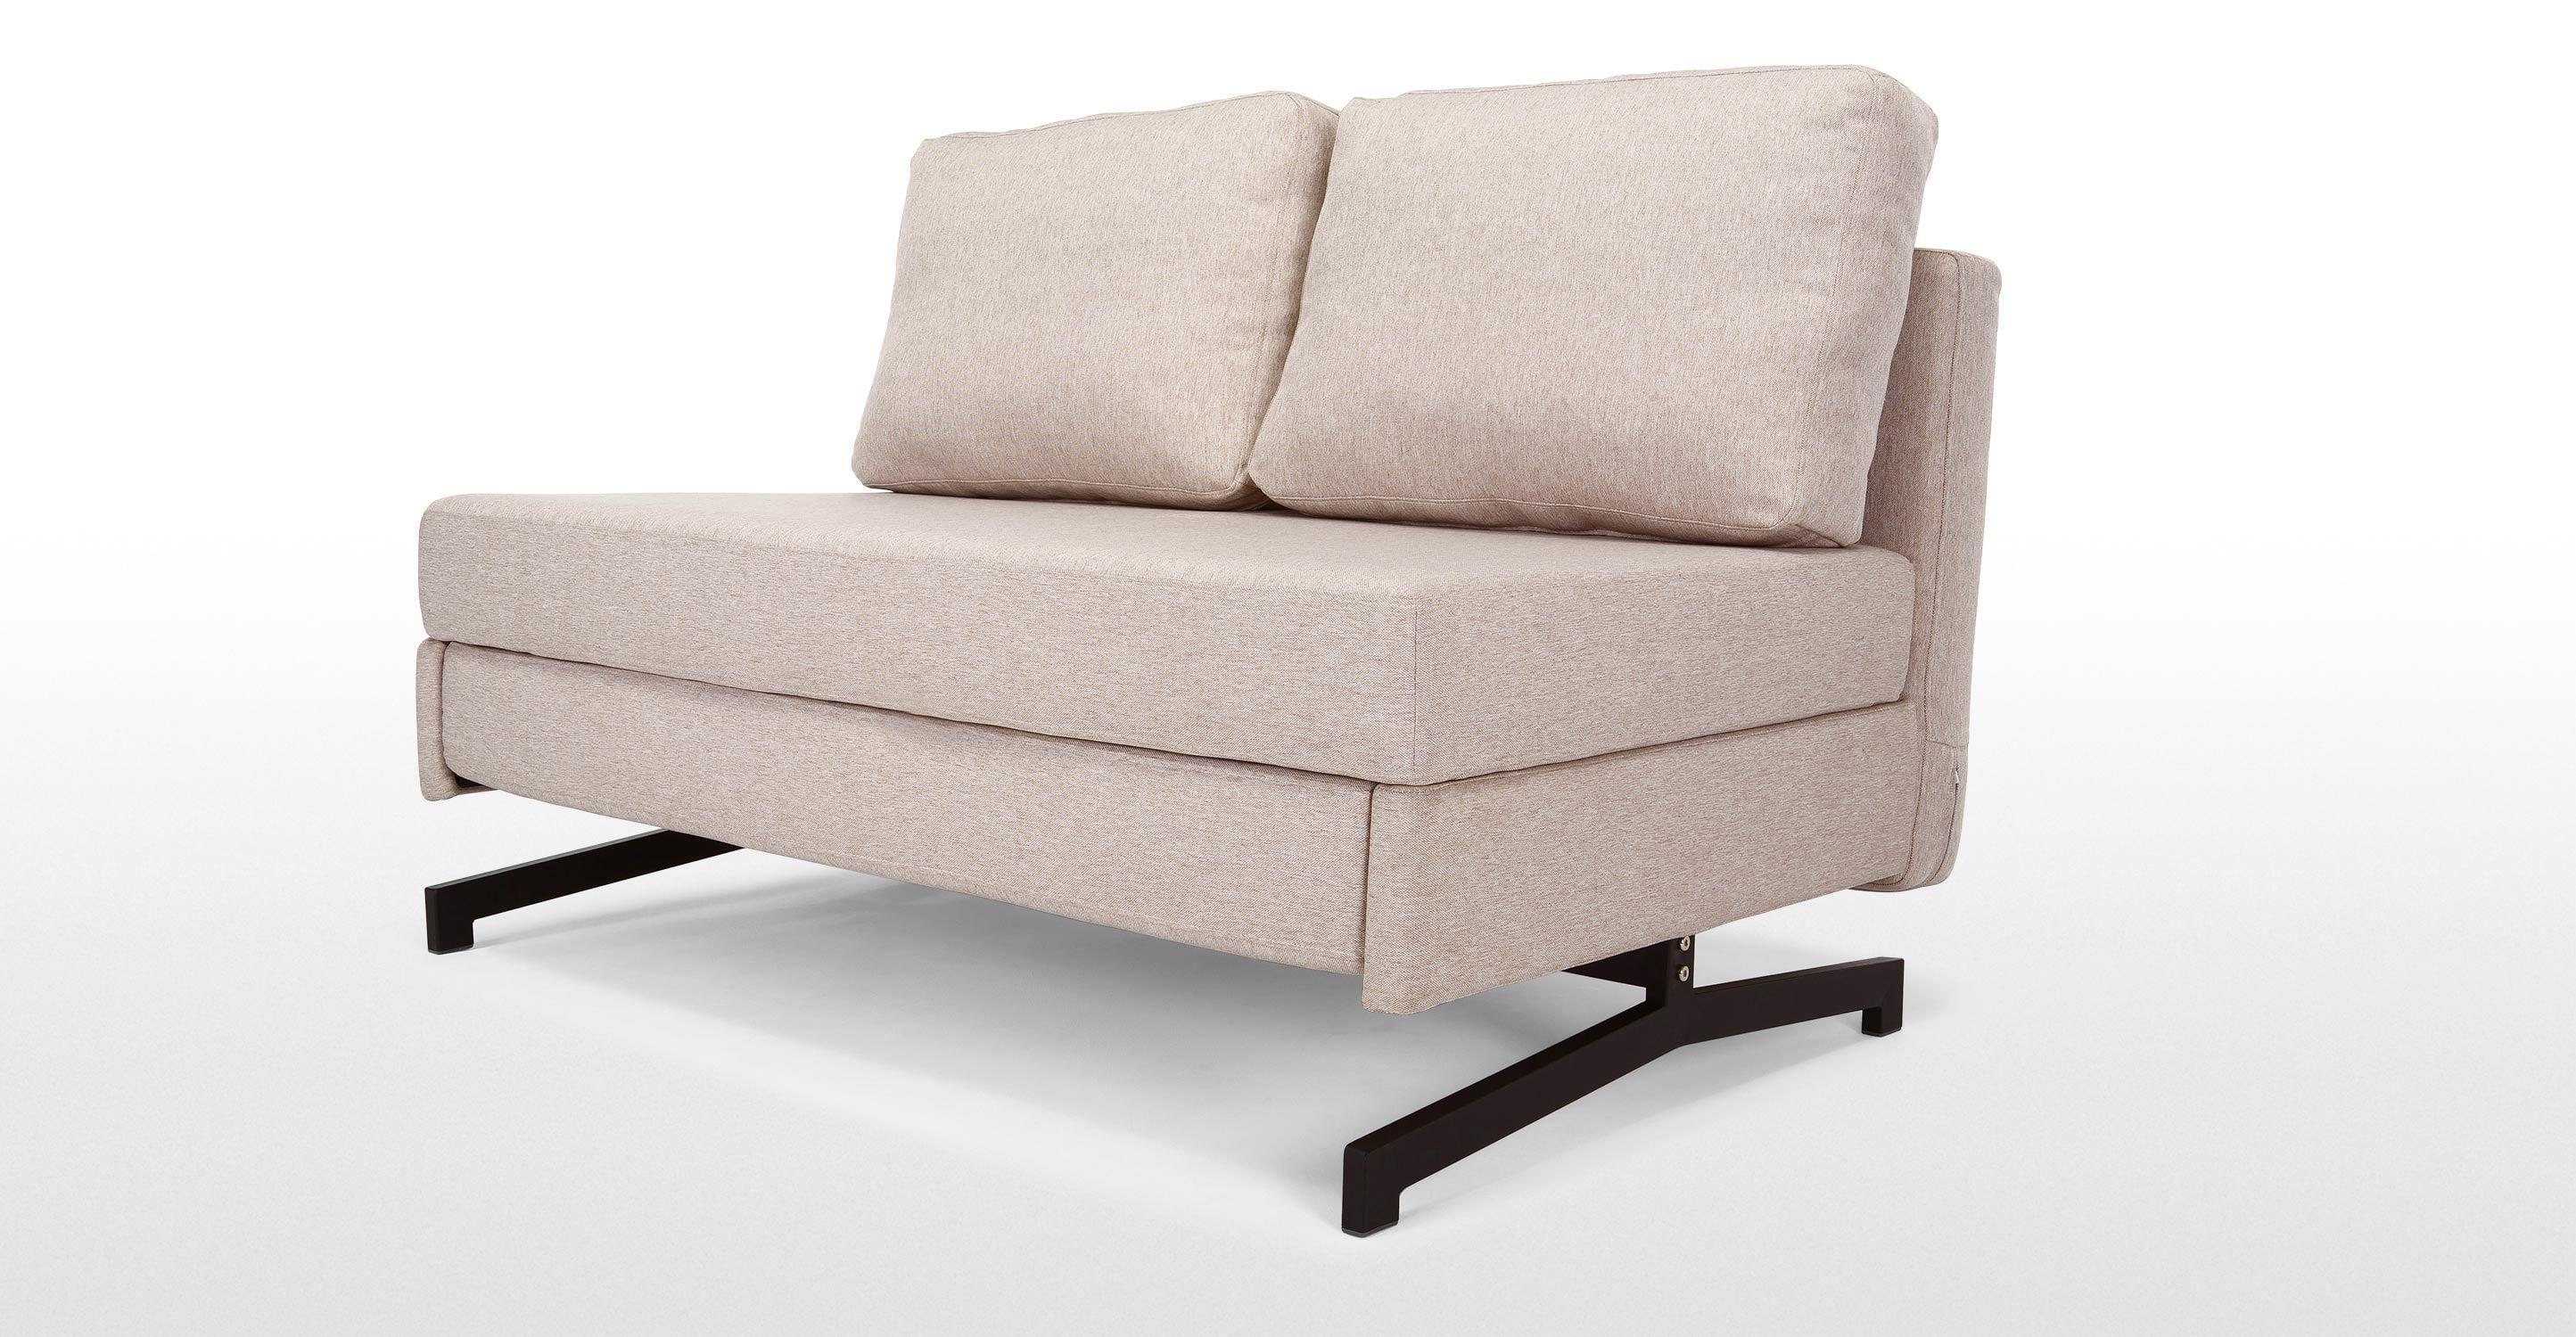 Grau Pull Out Couch Schlafsofa Zum Verkauf In Der Nahe Von Mir